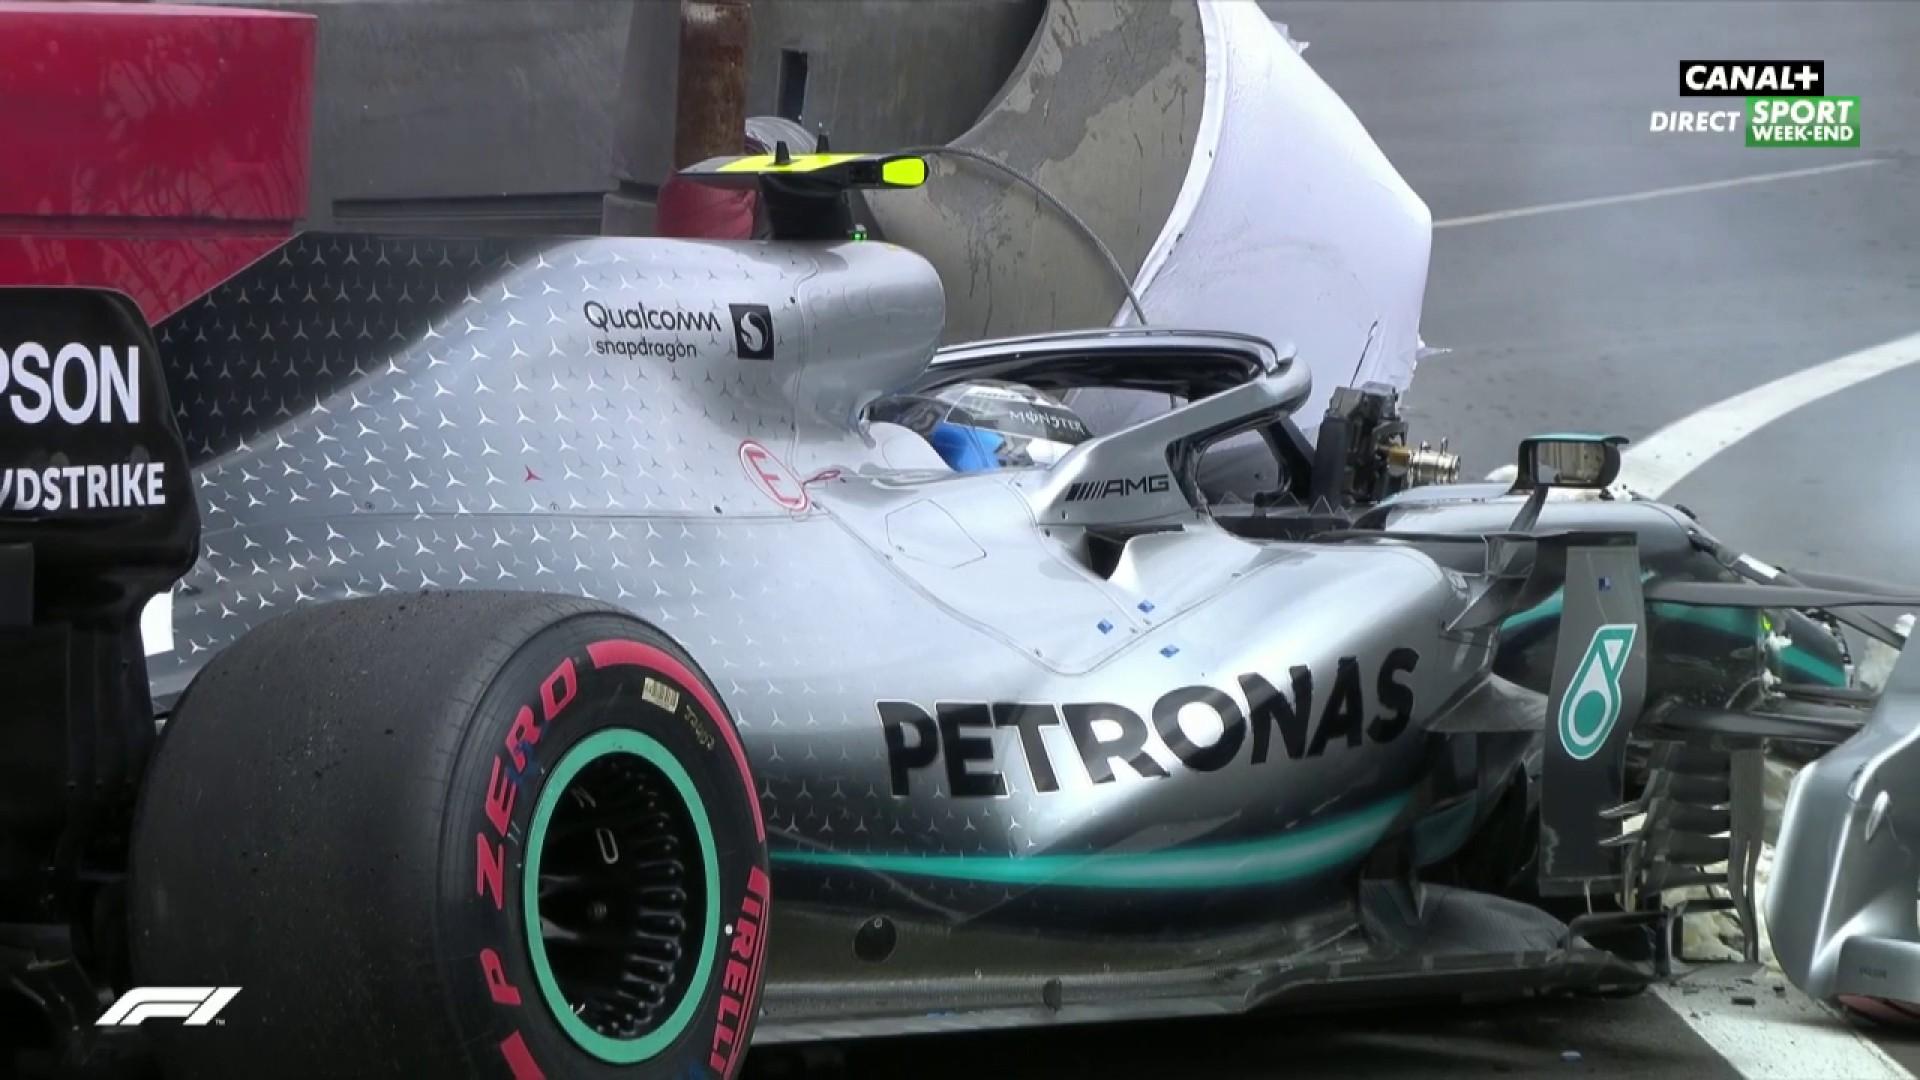 La pole pour Verstappen après ce crash de Bottas - Grand Prix du Mexique